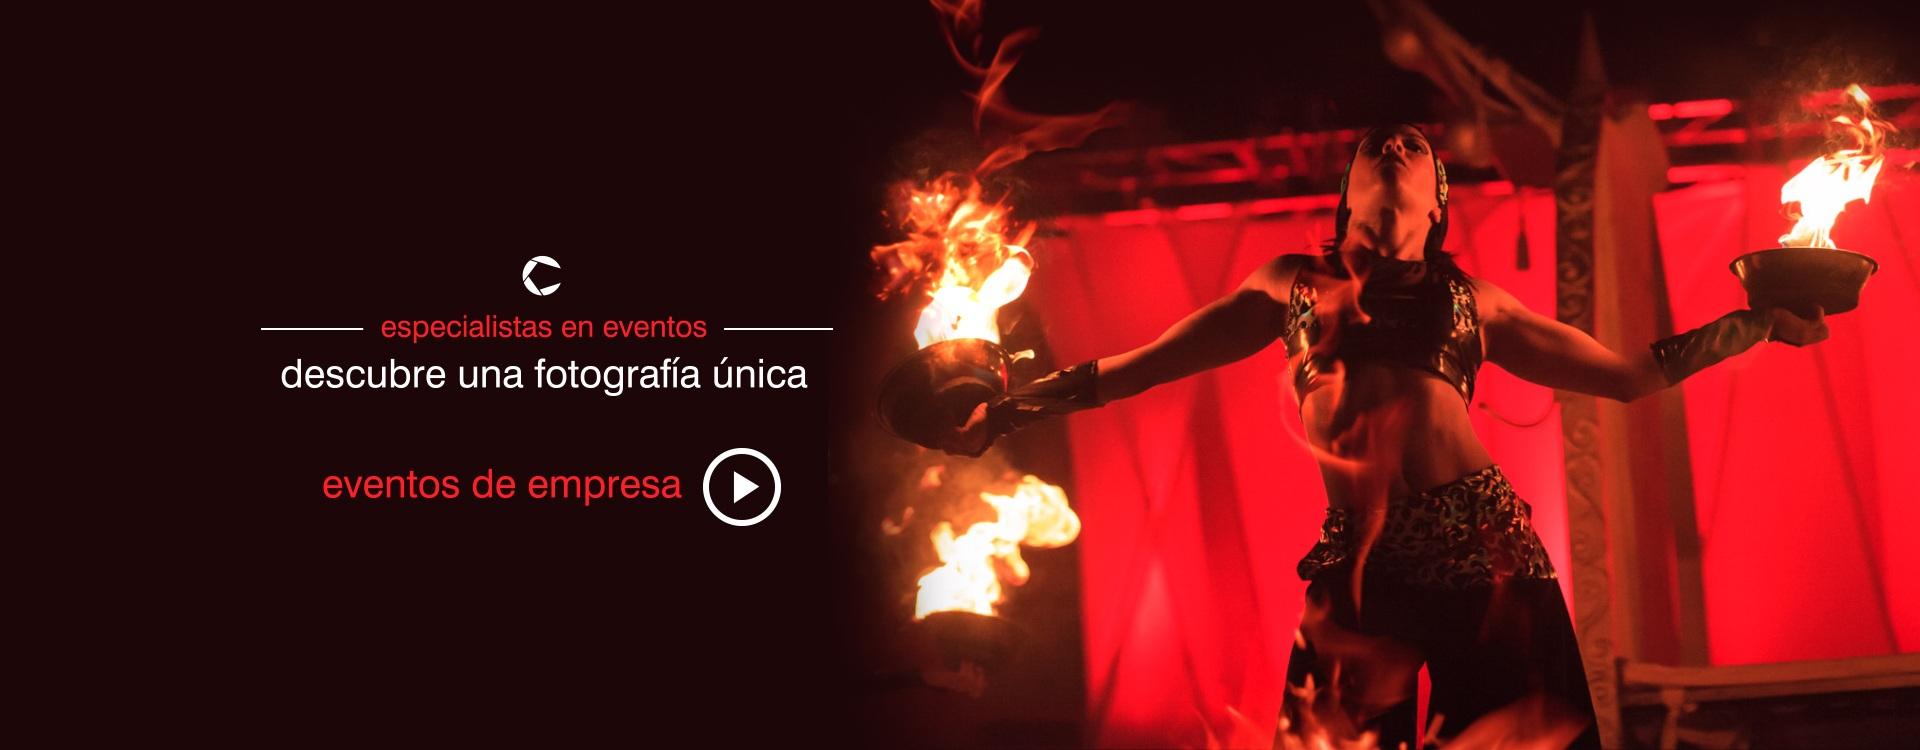 PerfectPixel-Publicidad-Agencia-de-Publicidad-en-Madrid-Servicios-de-fotografia-de-eventos-en-Madrid